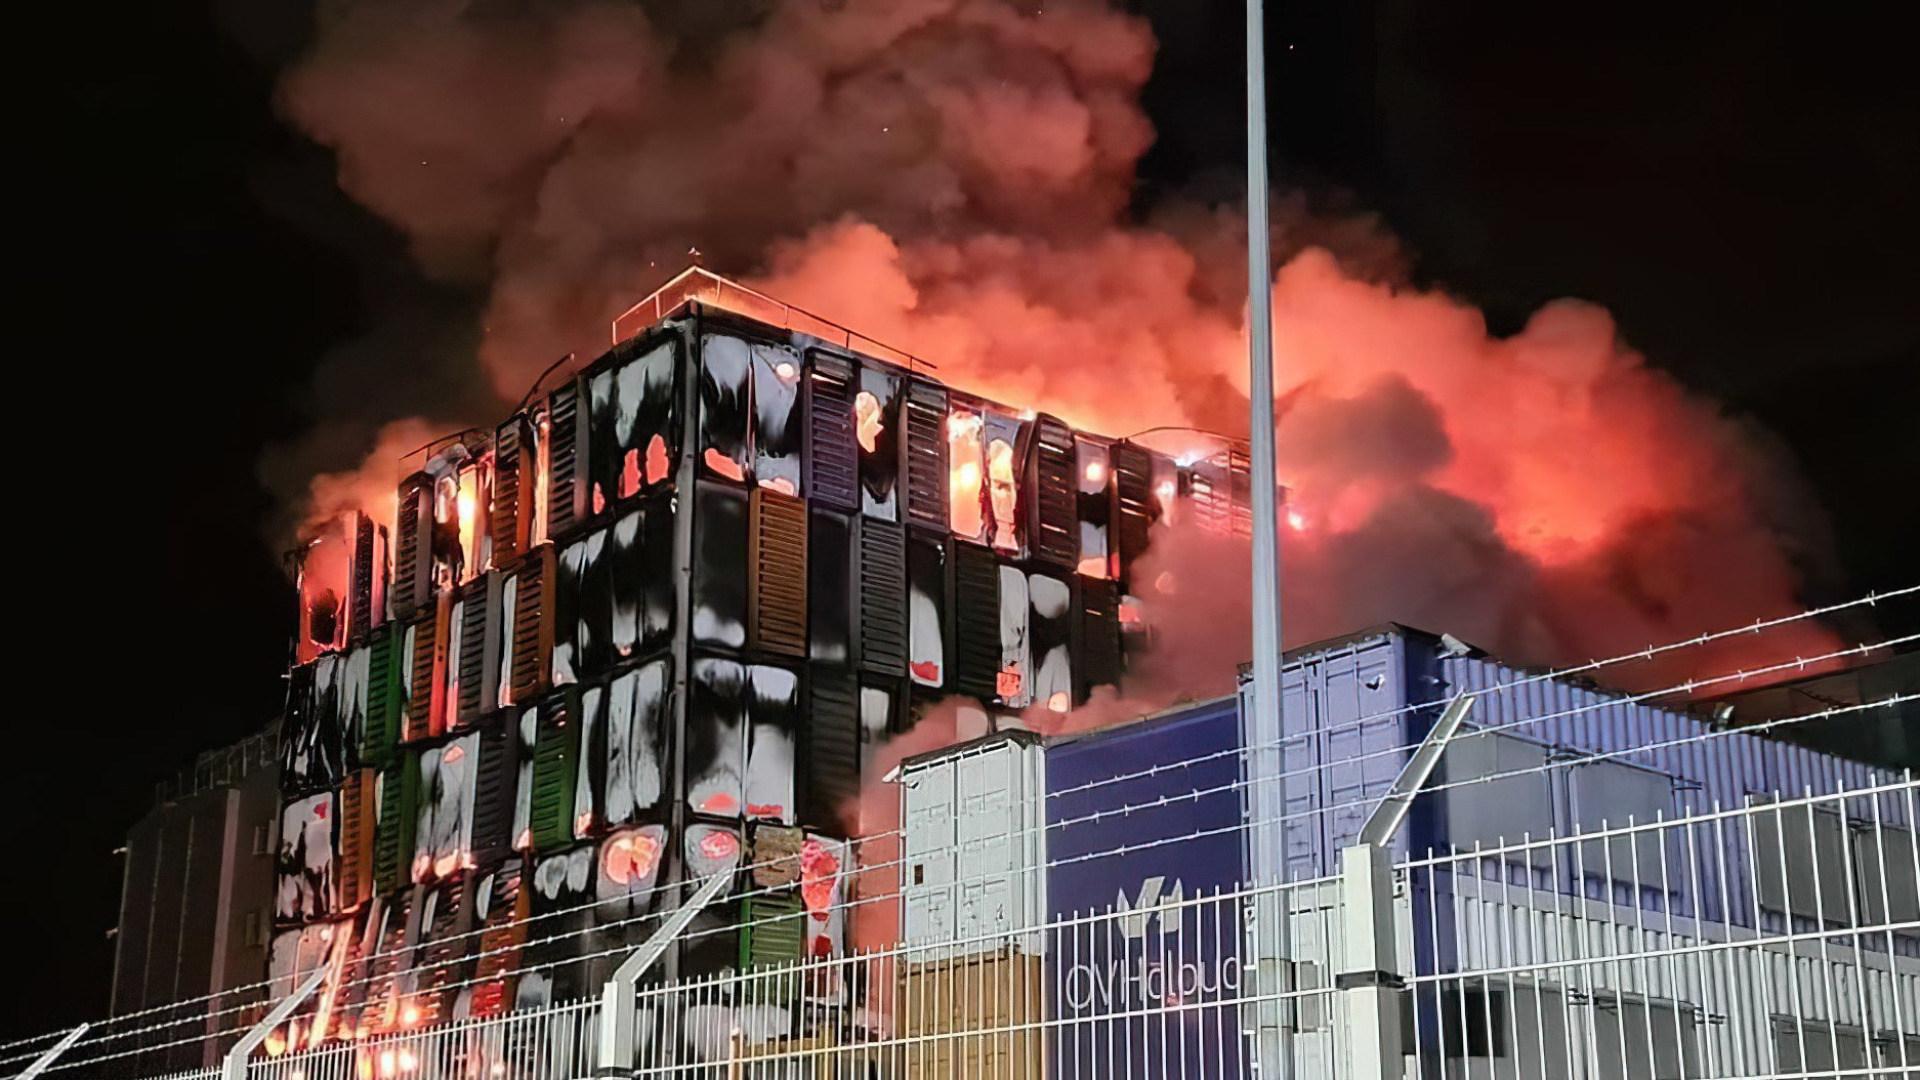 OVH-Feuer: Erste Erkenntnisse zur Brandursache und auch Vorwürfe - WinFuture